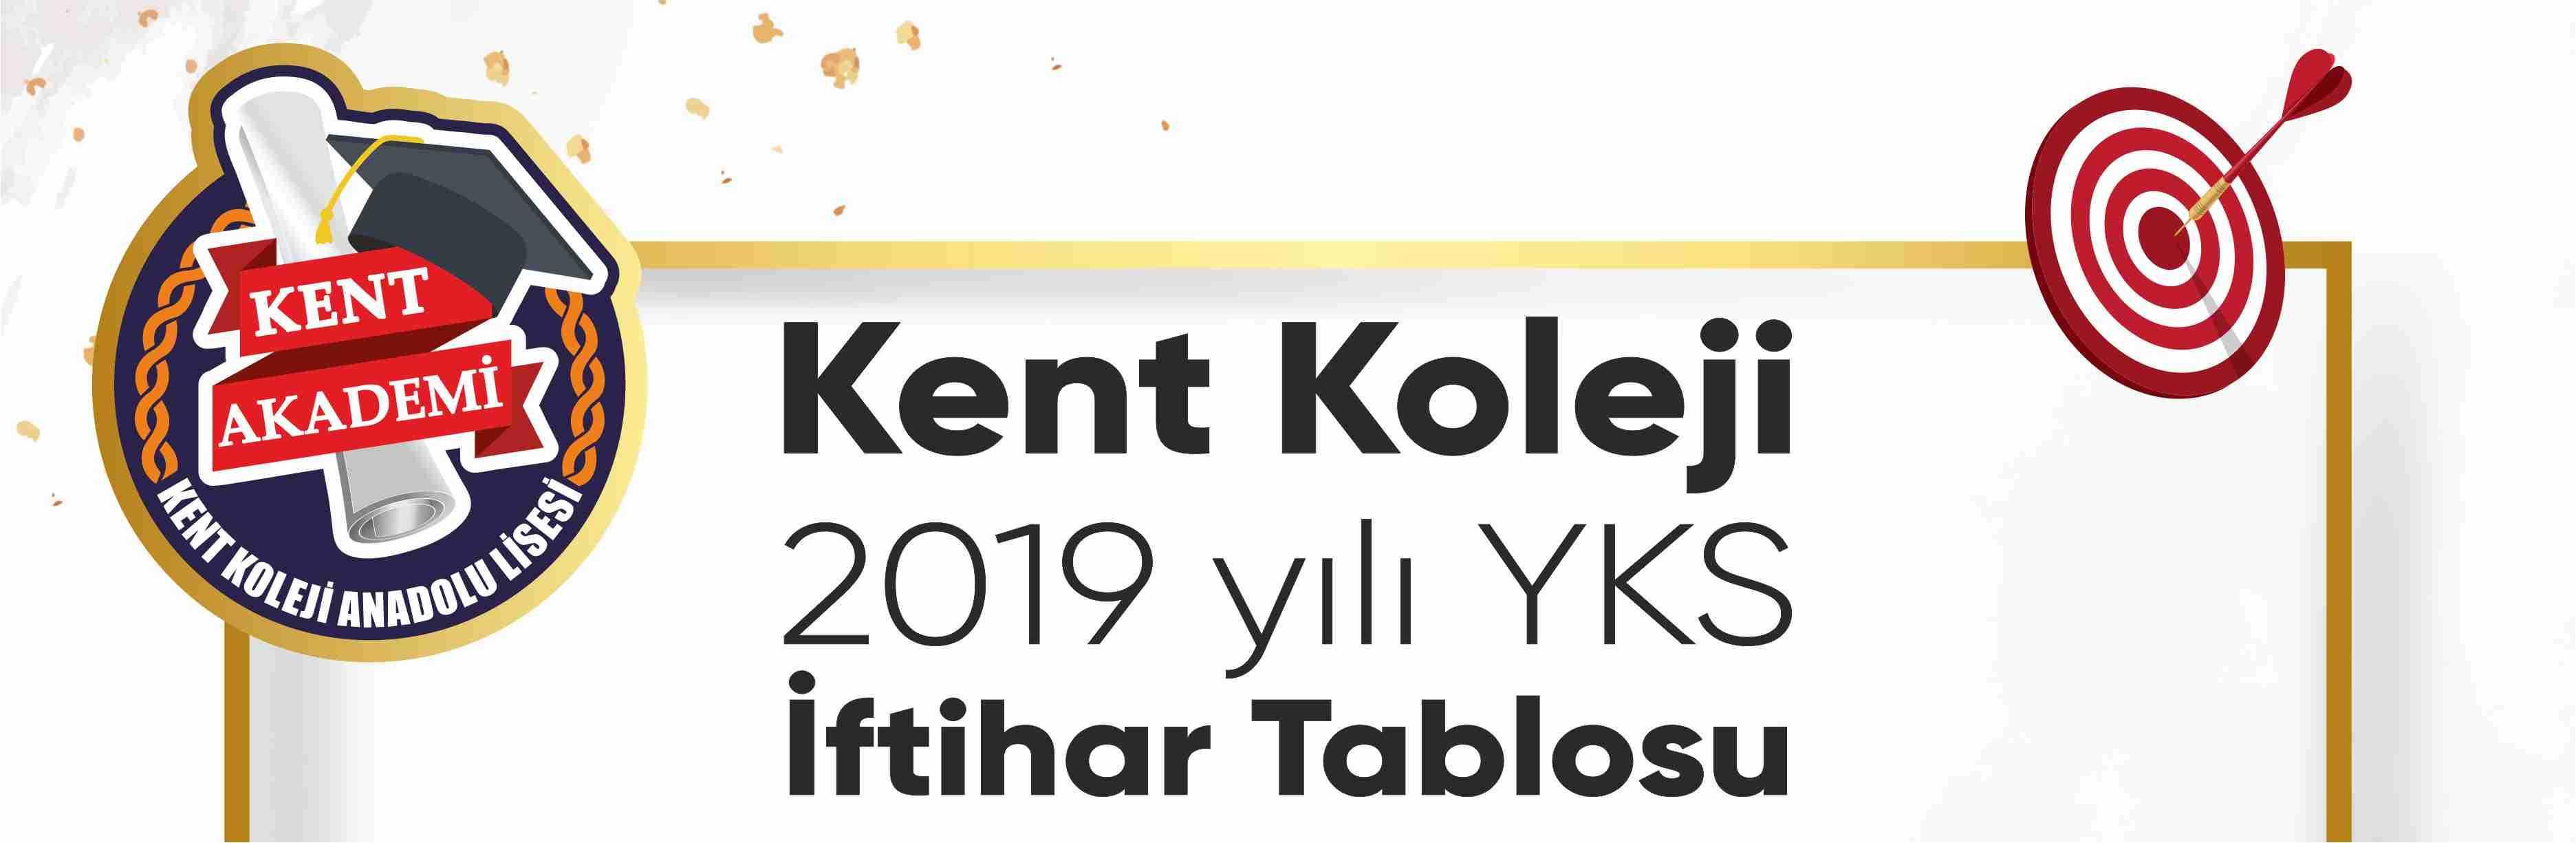 Kent Koleji 2019 yılı YKS İftihar Tablosu